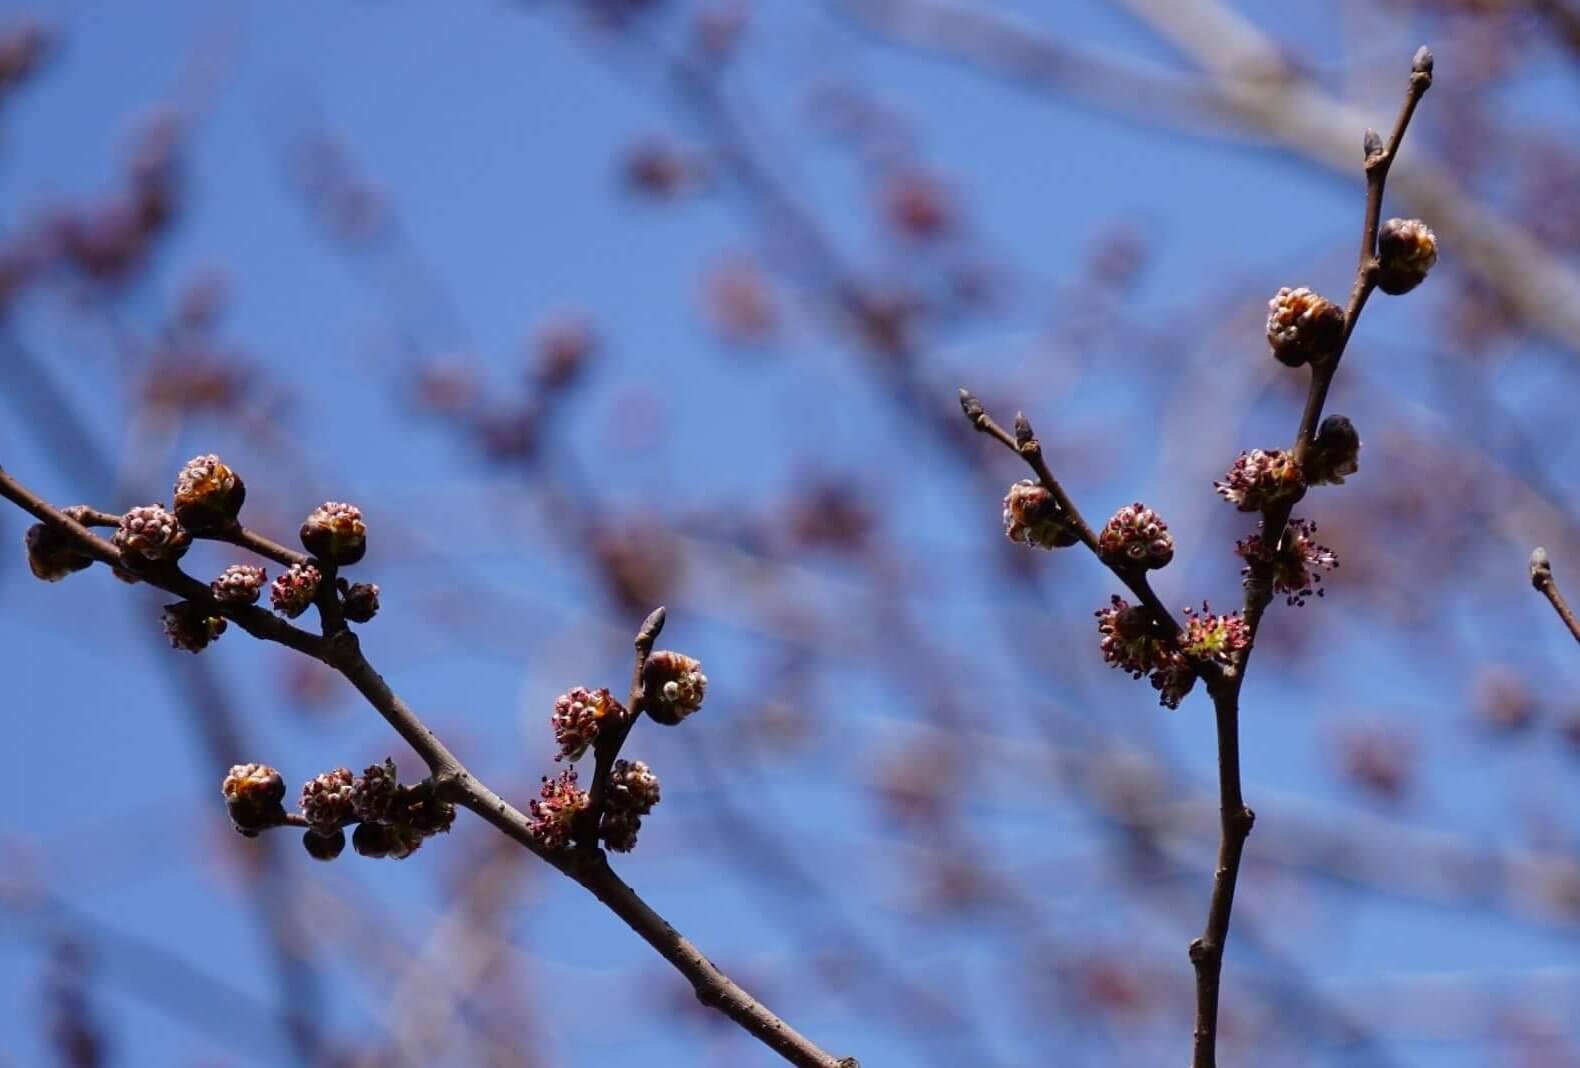 Das Bild zeigt die im März aufspringenden Blütenknospen einer Berg-Ulme an der Schönefelder Chaussee im Kosmosviertel.